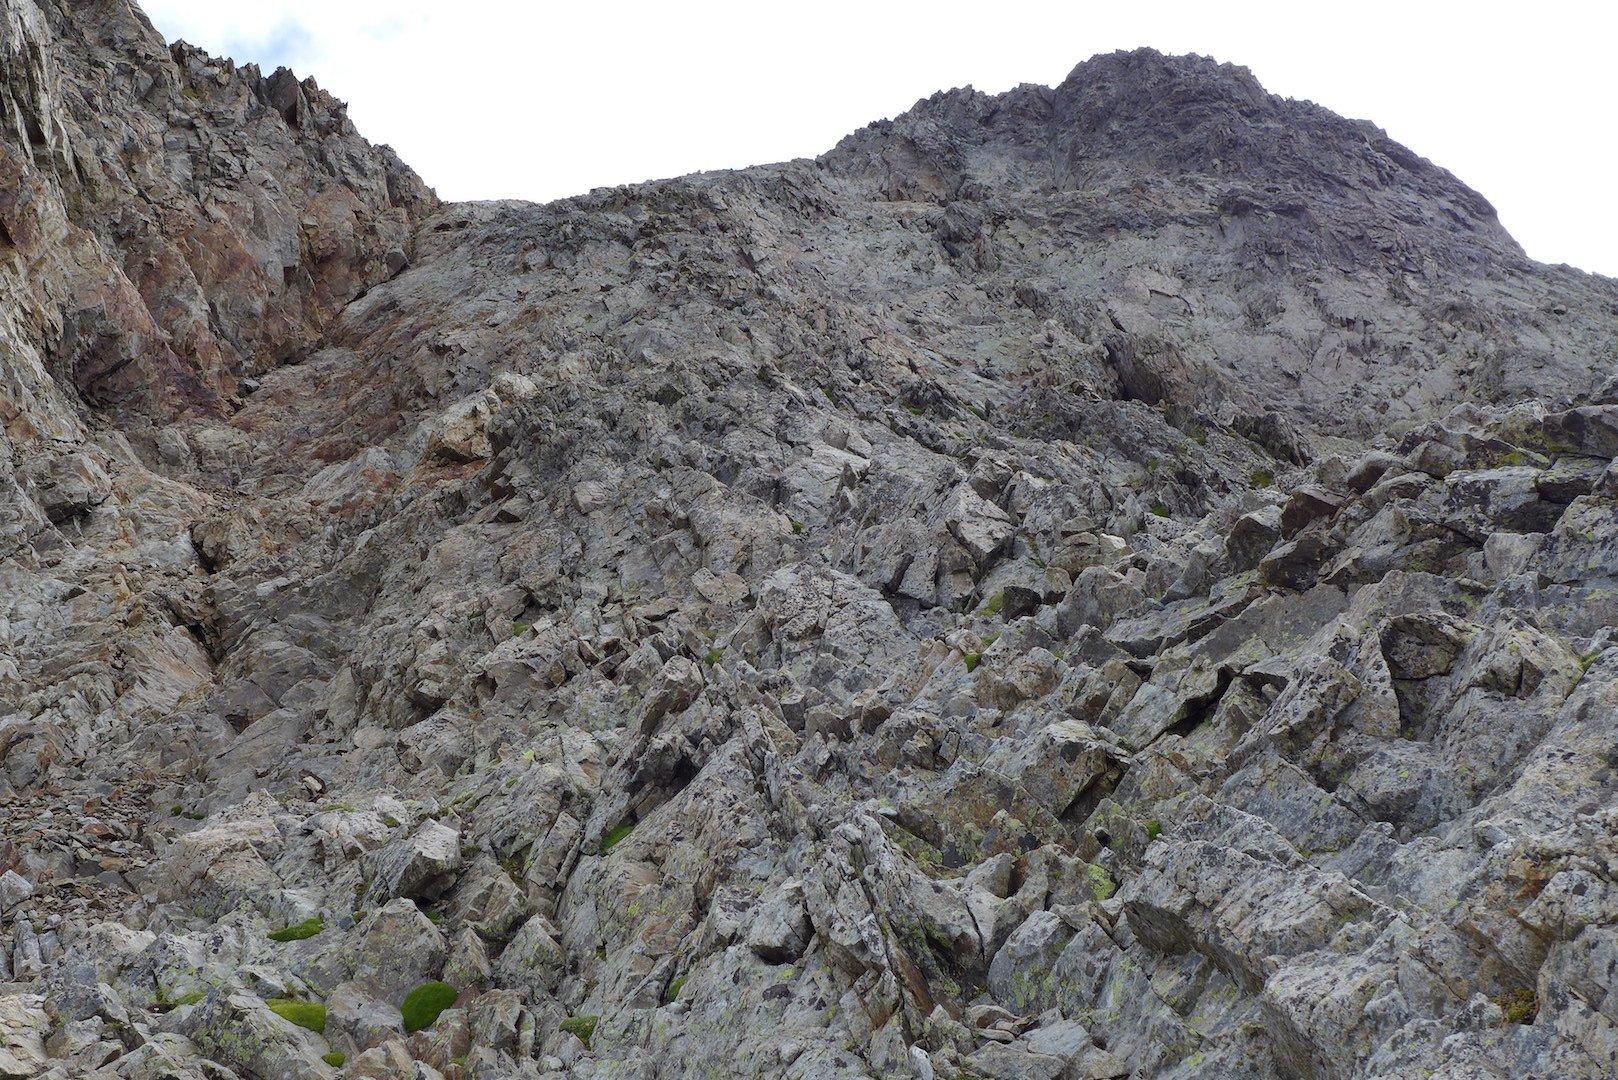 Inizia il tratto alpinistico